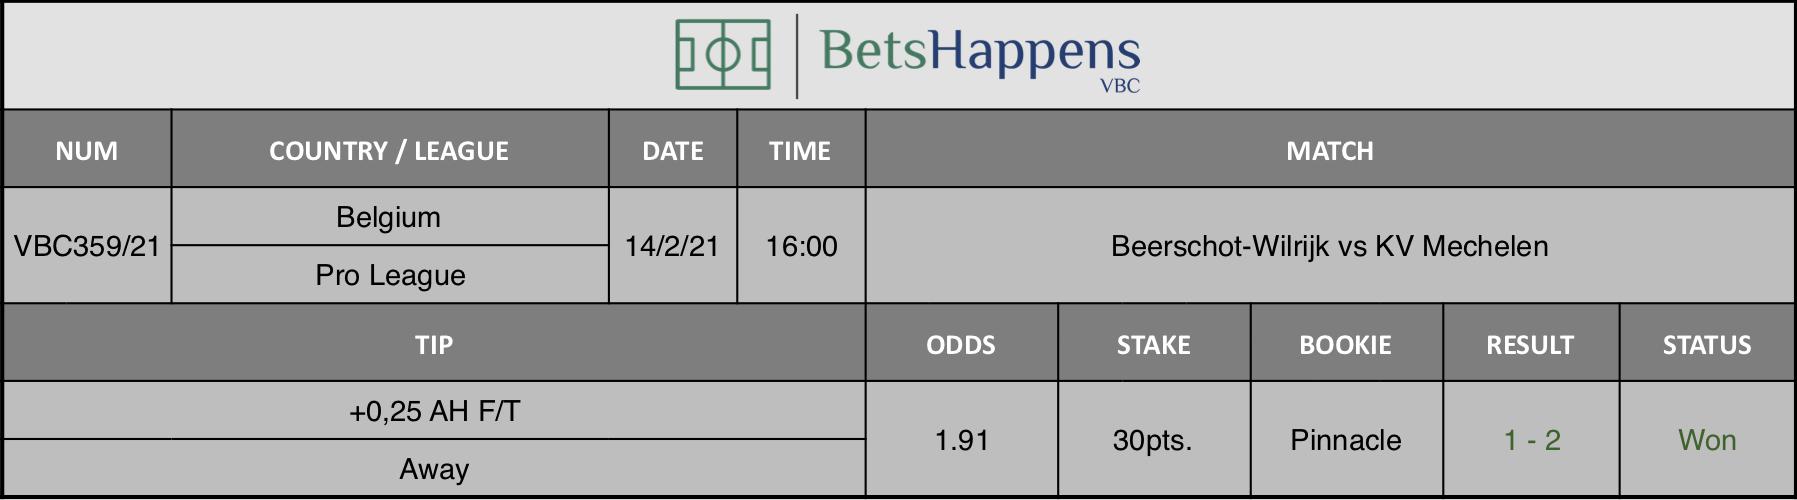 Resultados de nuestro consejo para el partido Beerschot-Wilrijk vs KV Mechelen donde se recomienda +0,25 AH F/T - Away.